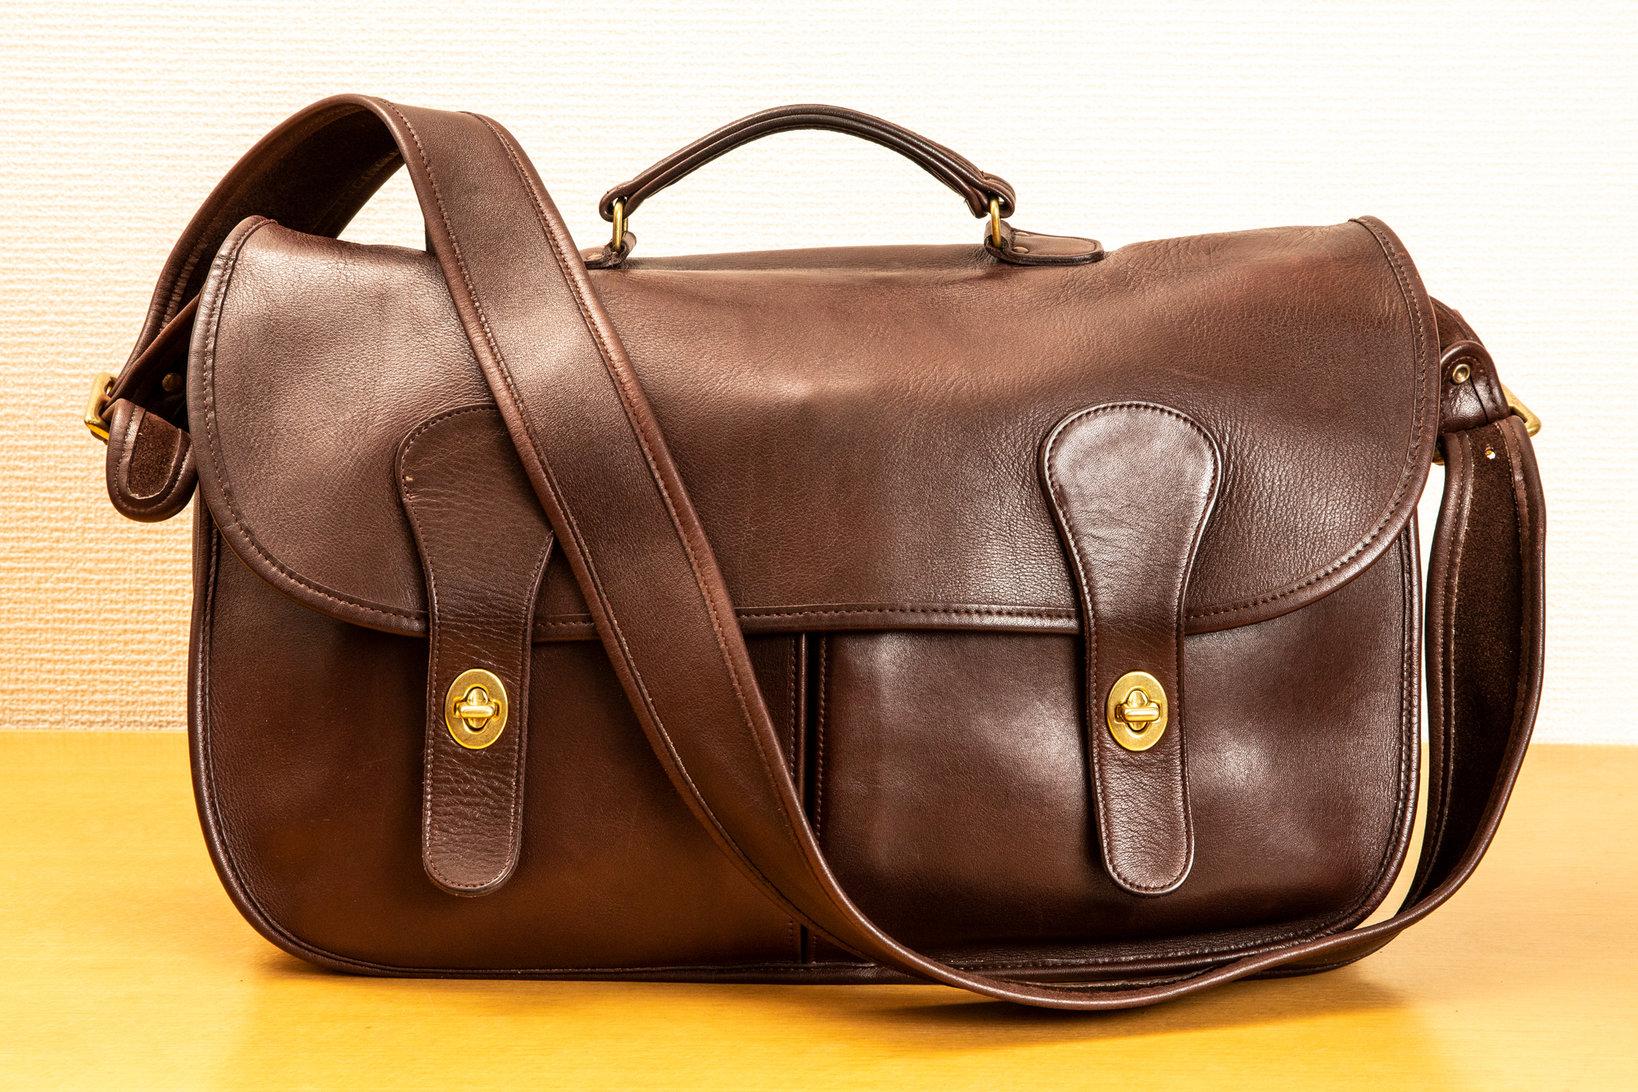 コーチの鞄。「就職祝いに購入したもので、黒と茶色をまとめて購入しました」と飯野さん。